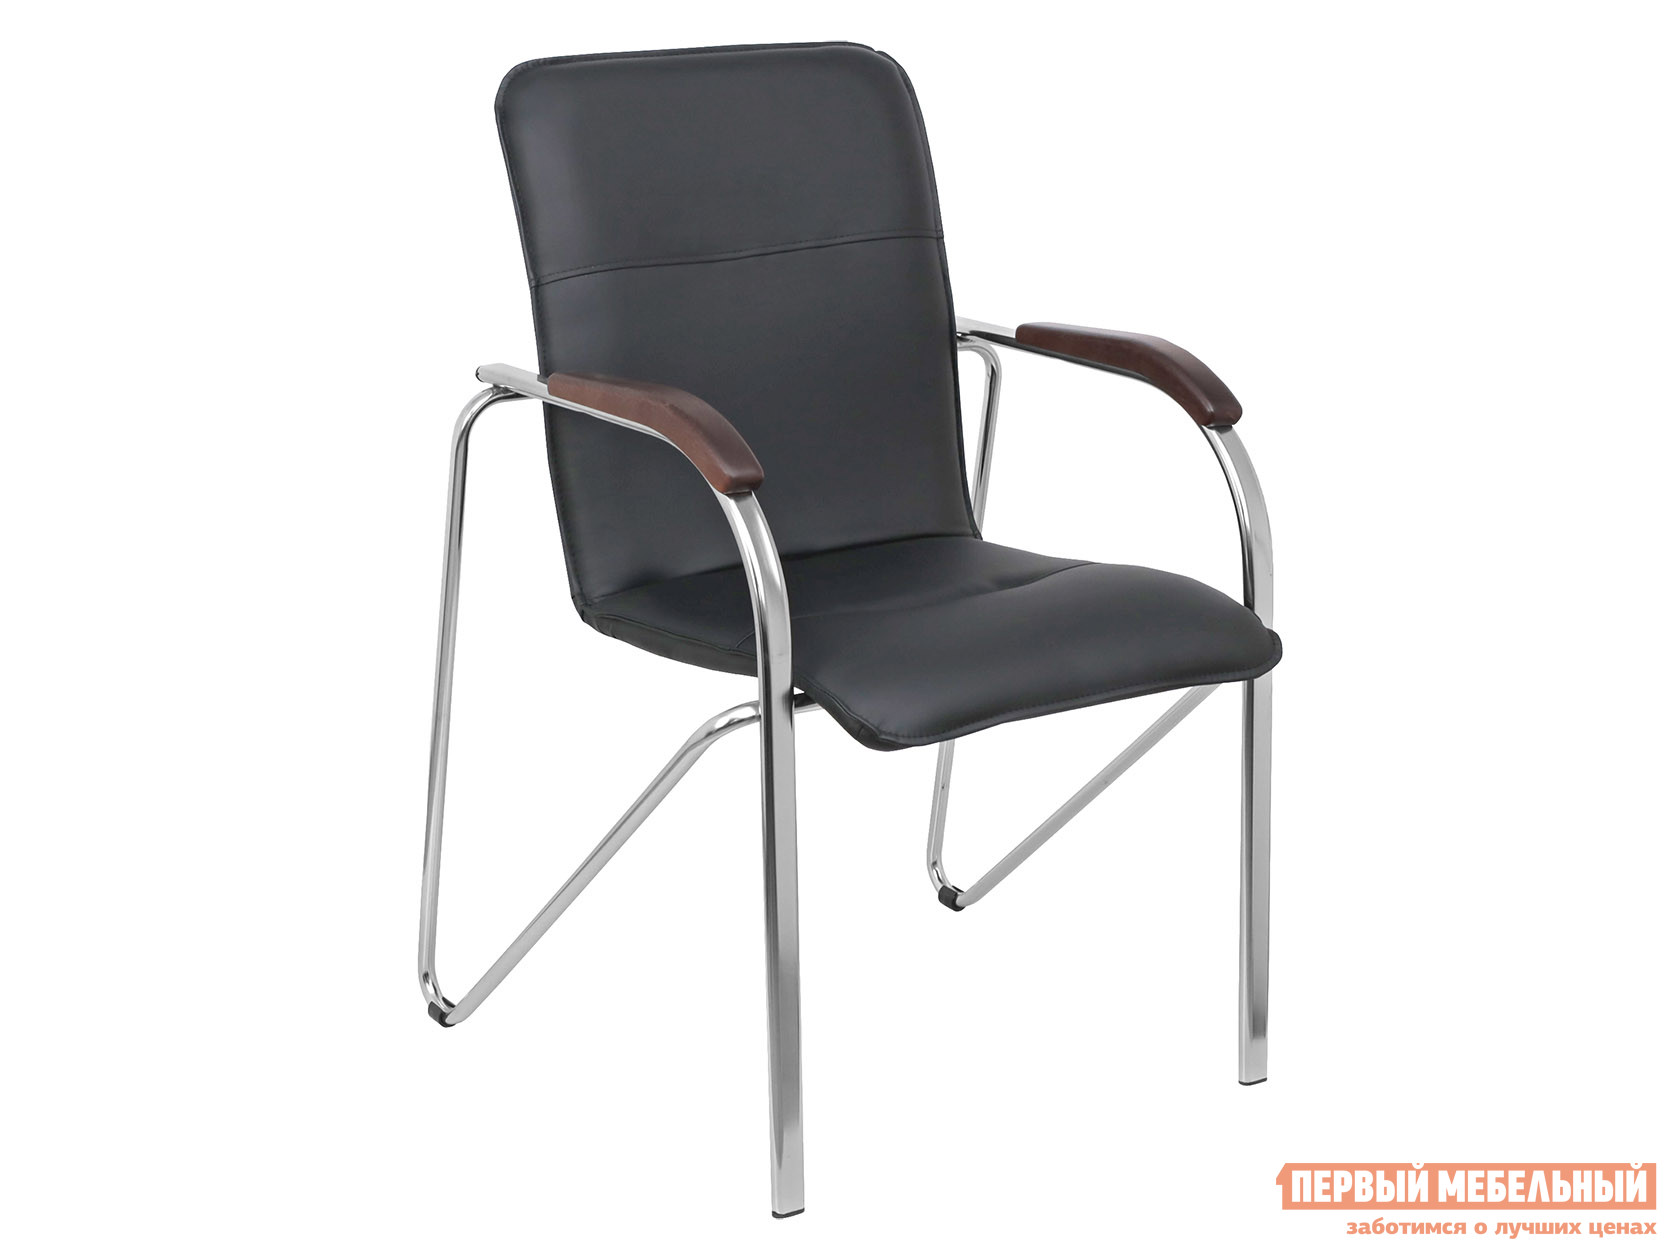 Офисный стул  SAMBA AKS-1 Черный, экокожа, Деревянные Базистрейд 137652